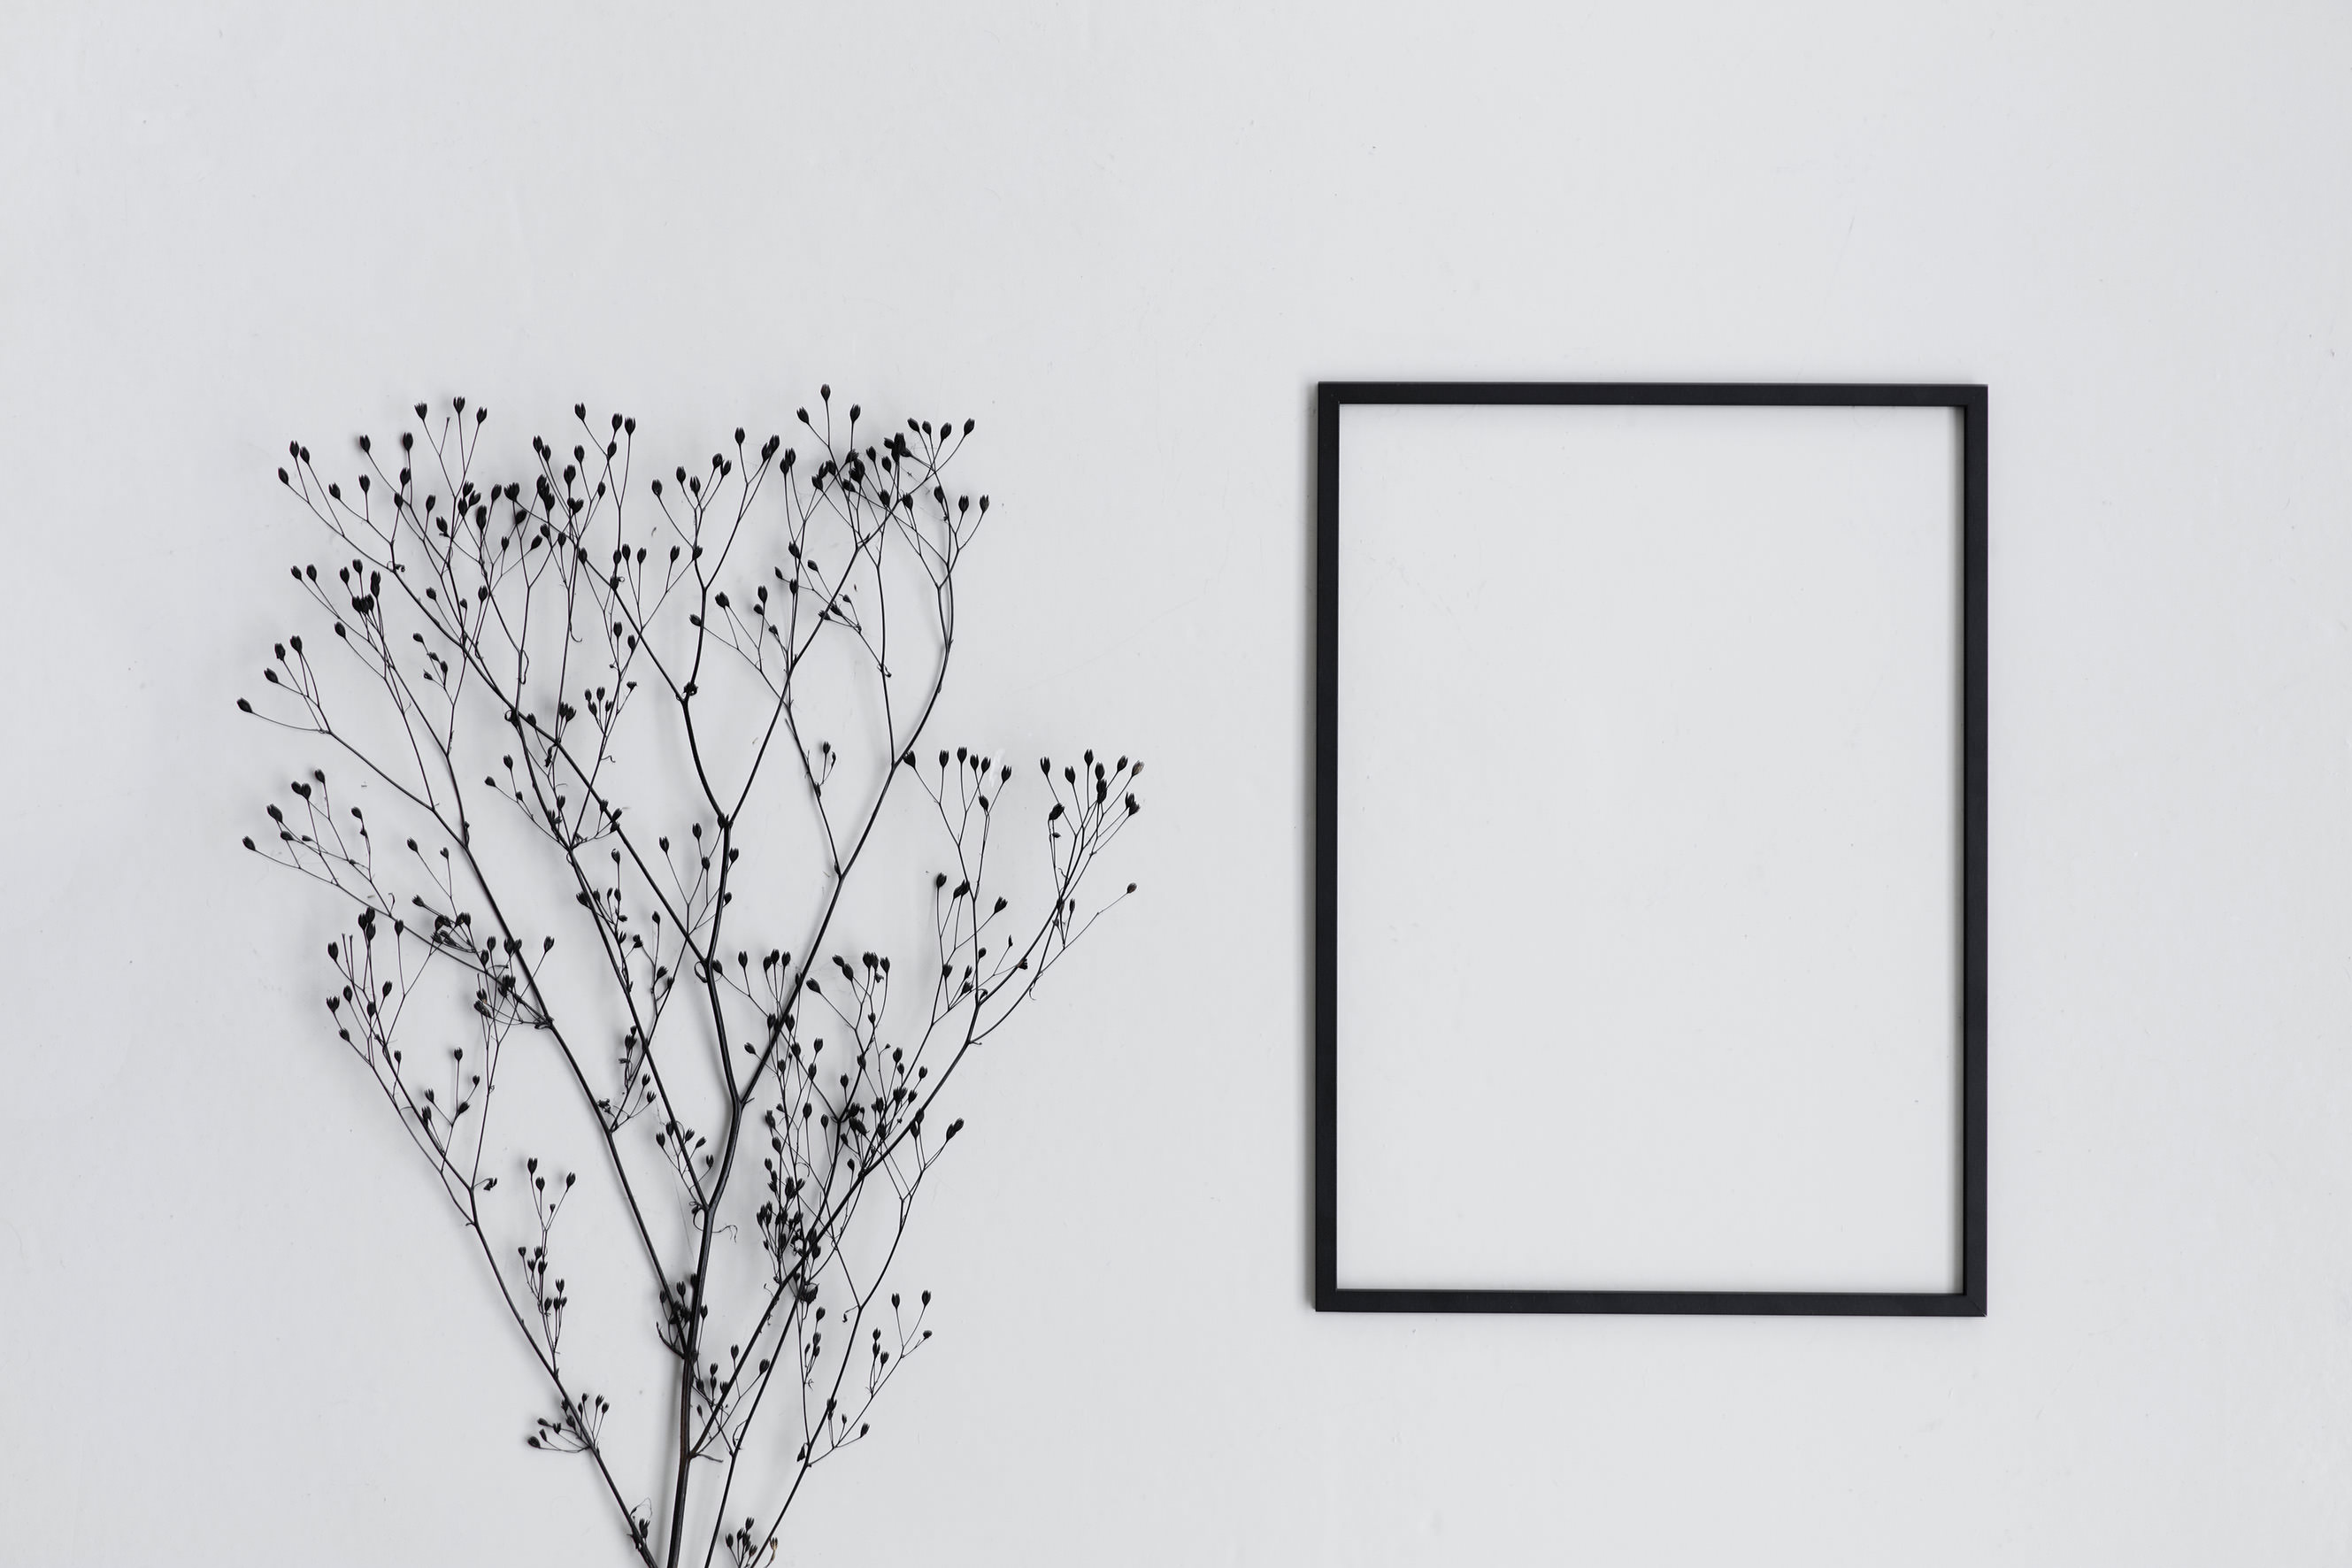 Gemütlich 11 öffnung Bilderrahmen Ideen - Benutzerdefinierte ...